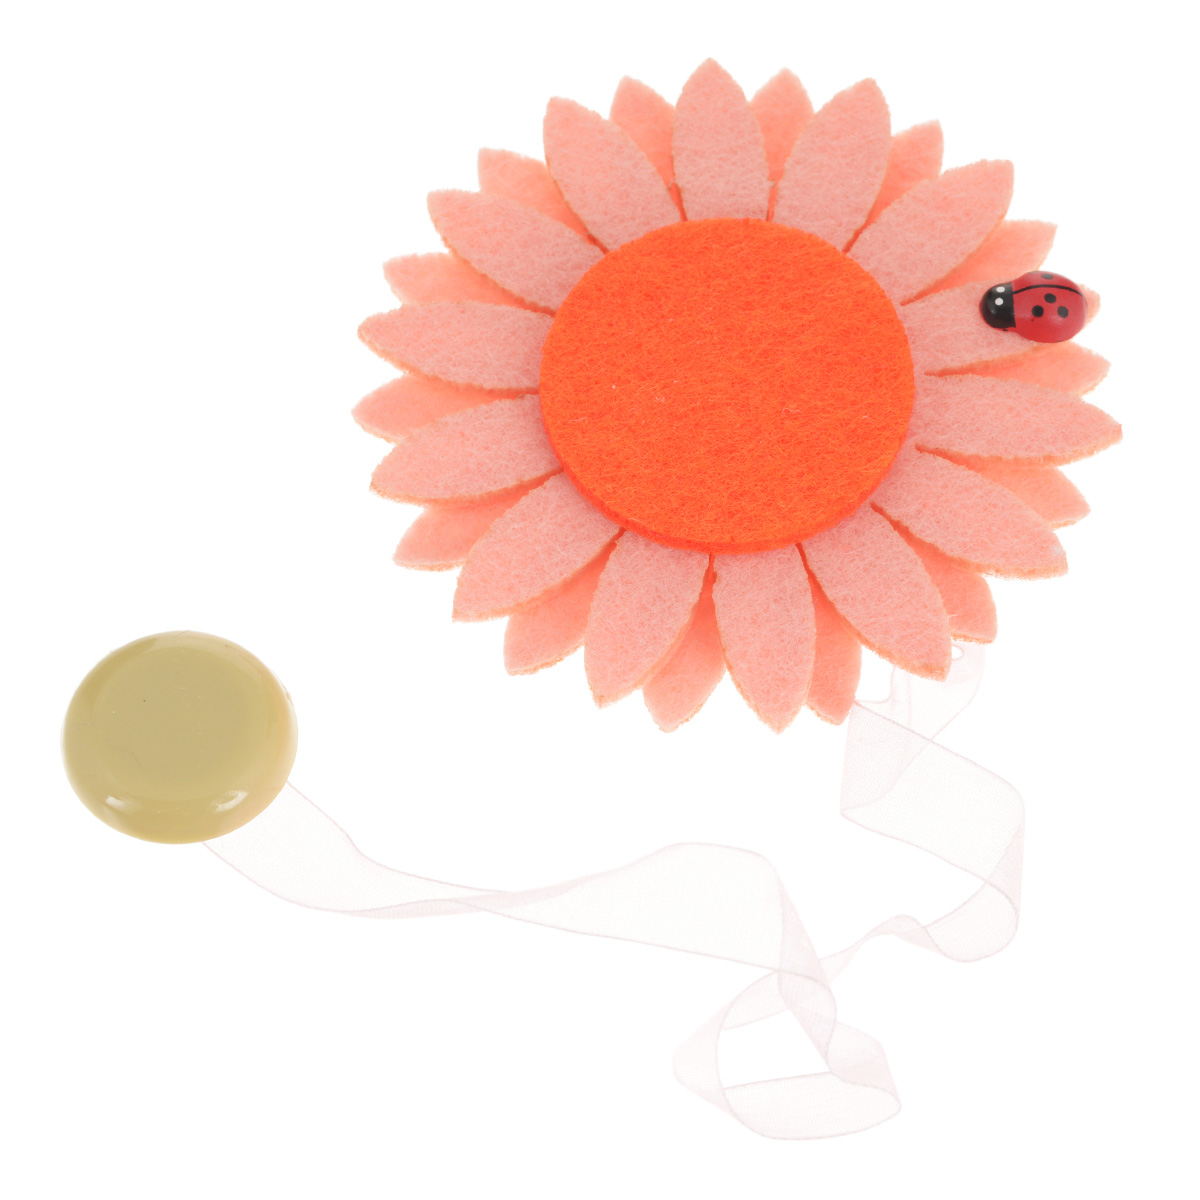 Клипса-магнит для штор Calamita Fiore, цвет: бледно-розовый, рыжий. 7704012_5511004900000360Клипса-магнит Calamita Fiore, изготовленная из пластика и текстиля, предназначена для придания формы шторам. Изделие представляет собой два магнита, расположенные на разных концах текстильной ленты. Один из магнитов оформлен декоративным цветком. С помощью такой магнитной клипсы можно зафиксировать портьеры, придать им требуемое положение, сделать складки симметричными или приблизить портьеры, скрепить их. Клипсы для штор являются универсальным изделием, которое превосходно подойдет как для штор в детской комнате, так и для штор в гостиной. Следует отметить, что клипсы для штор выполняют не только практическую функцию, но также являются одной из основных деталей декора этого изделия, которая придает шторам восхитительный, стильный внешний вид. Материал: пластик, полиэстер, магнит.Диаметр декоративного цветка: 9 см.Диаметр магнита: 2,5 см.Длина ленты: 28 см.